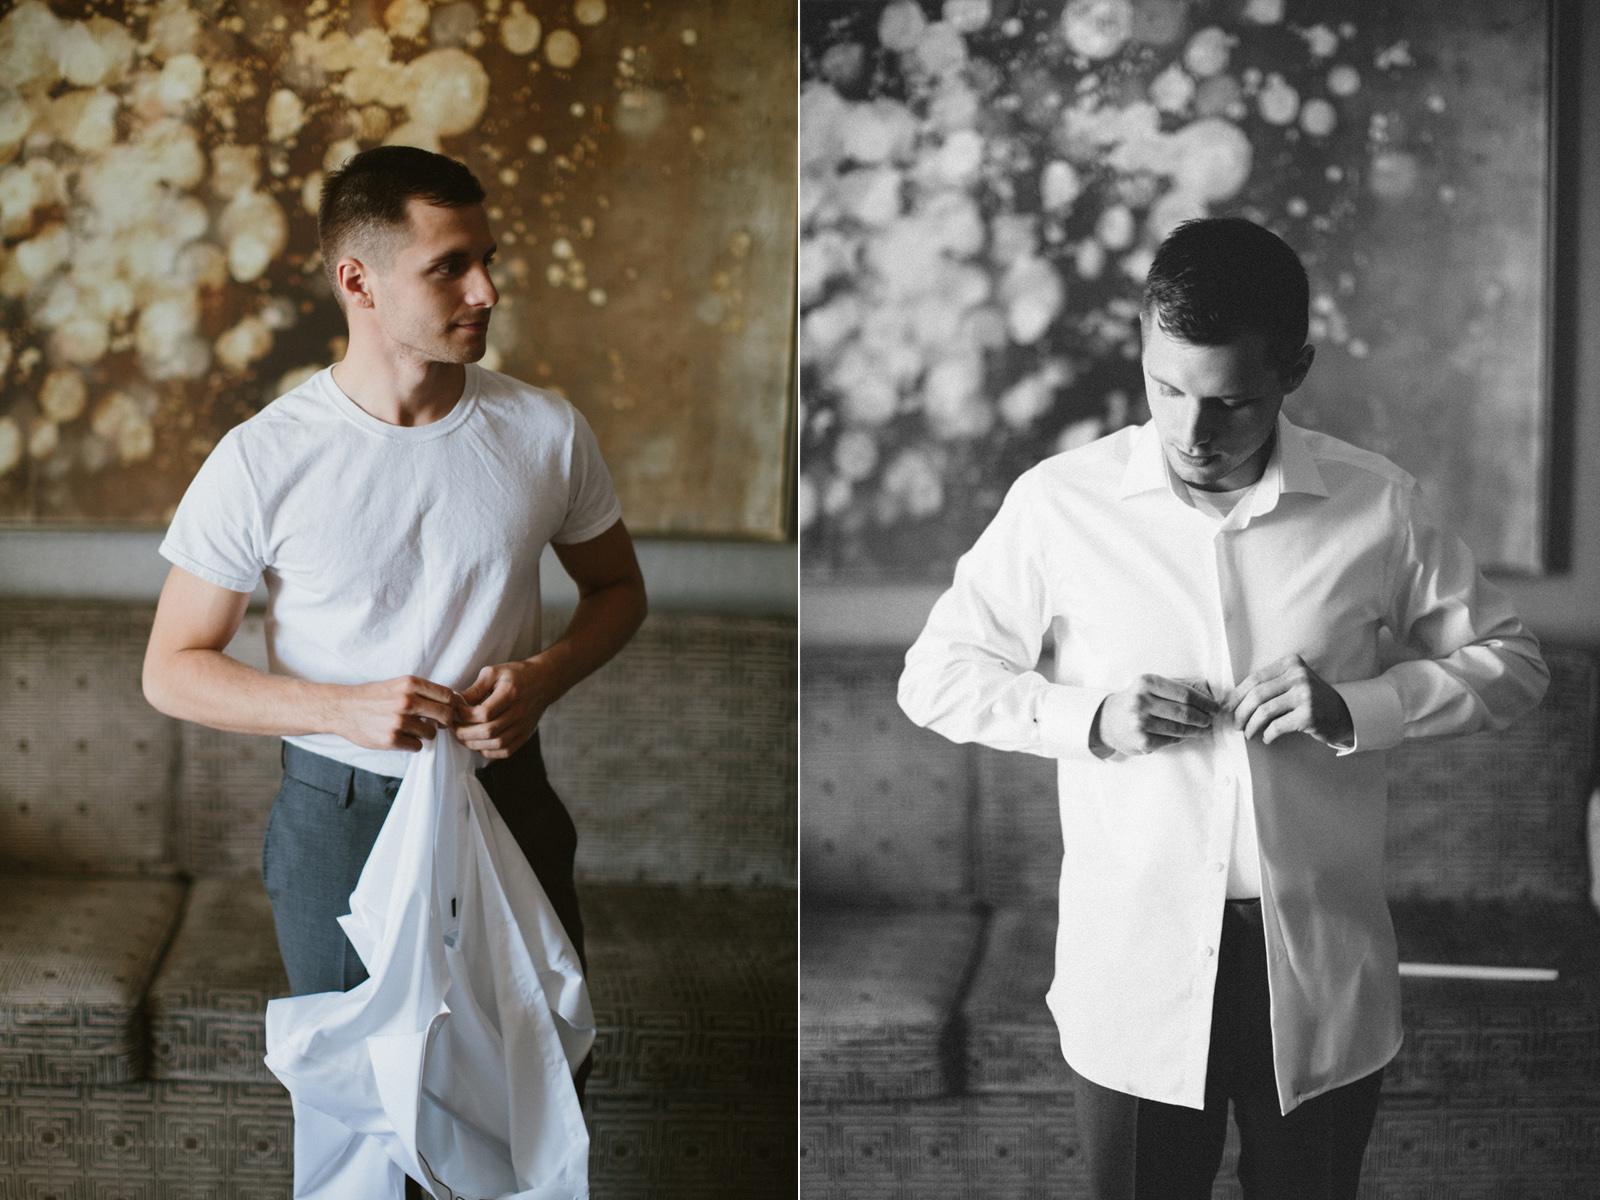 israel&aubrey_siouxfalls_wedding_photographer_24.jpg